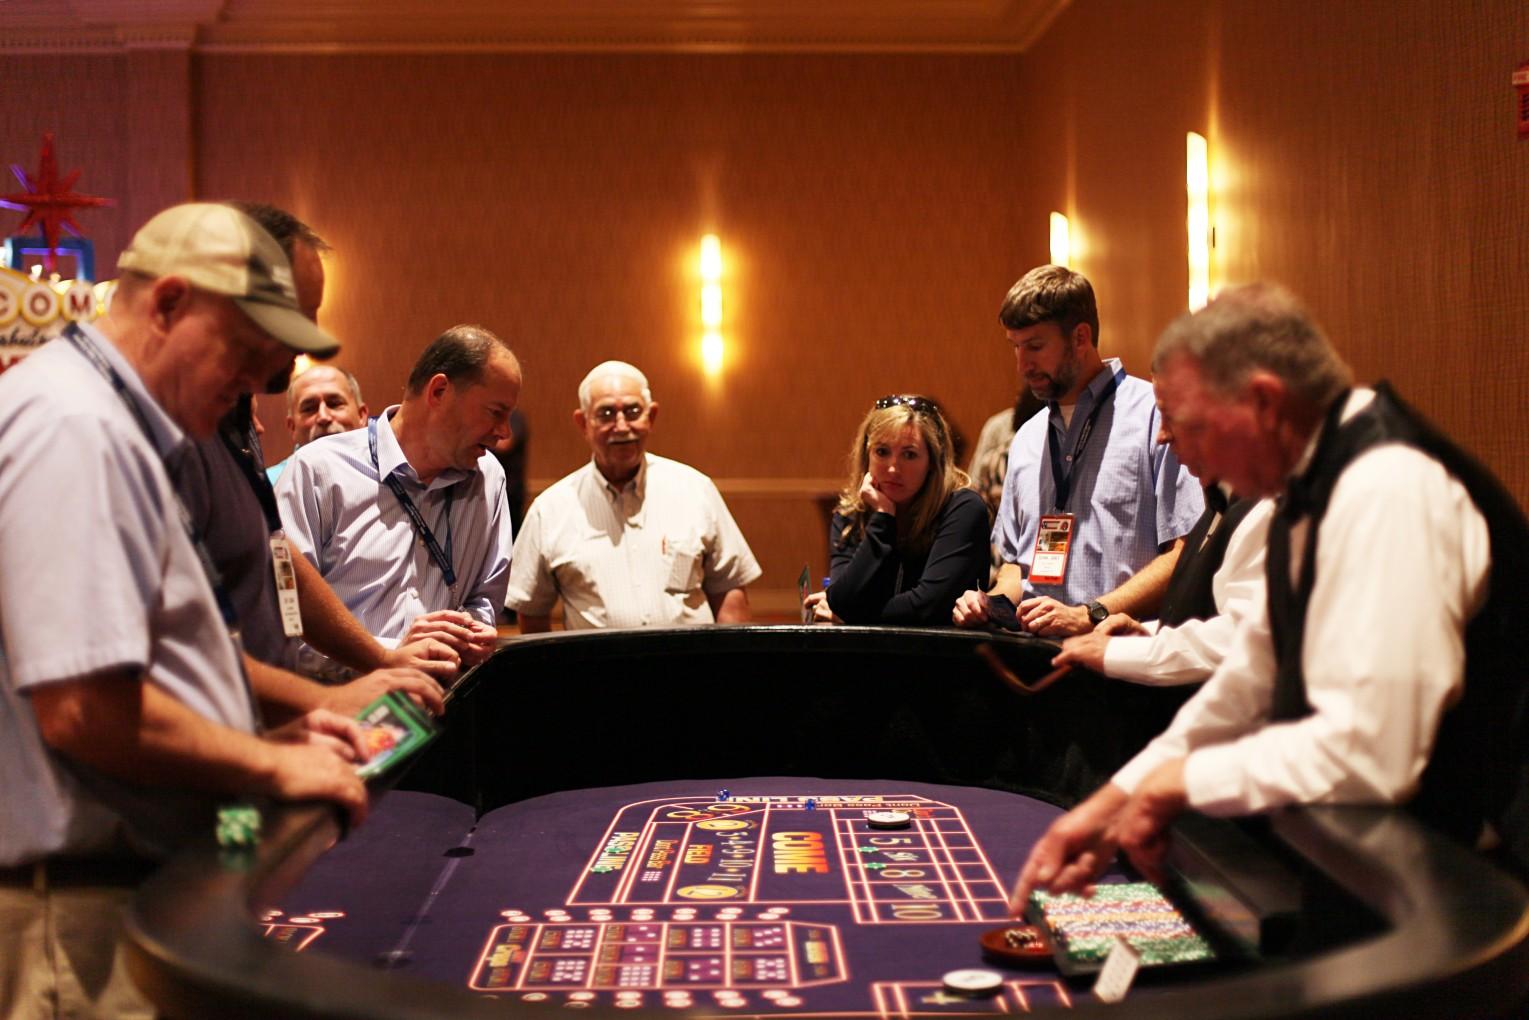 Casino conference 2014 vesper death casino royale